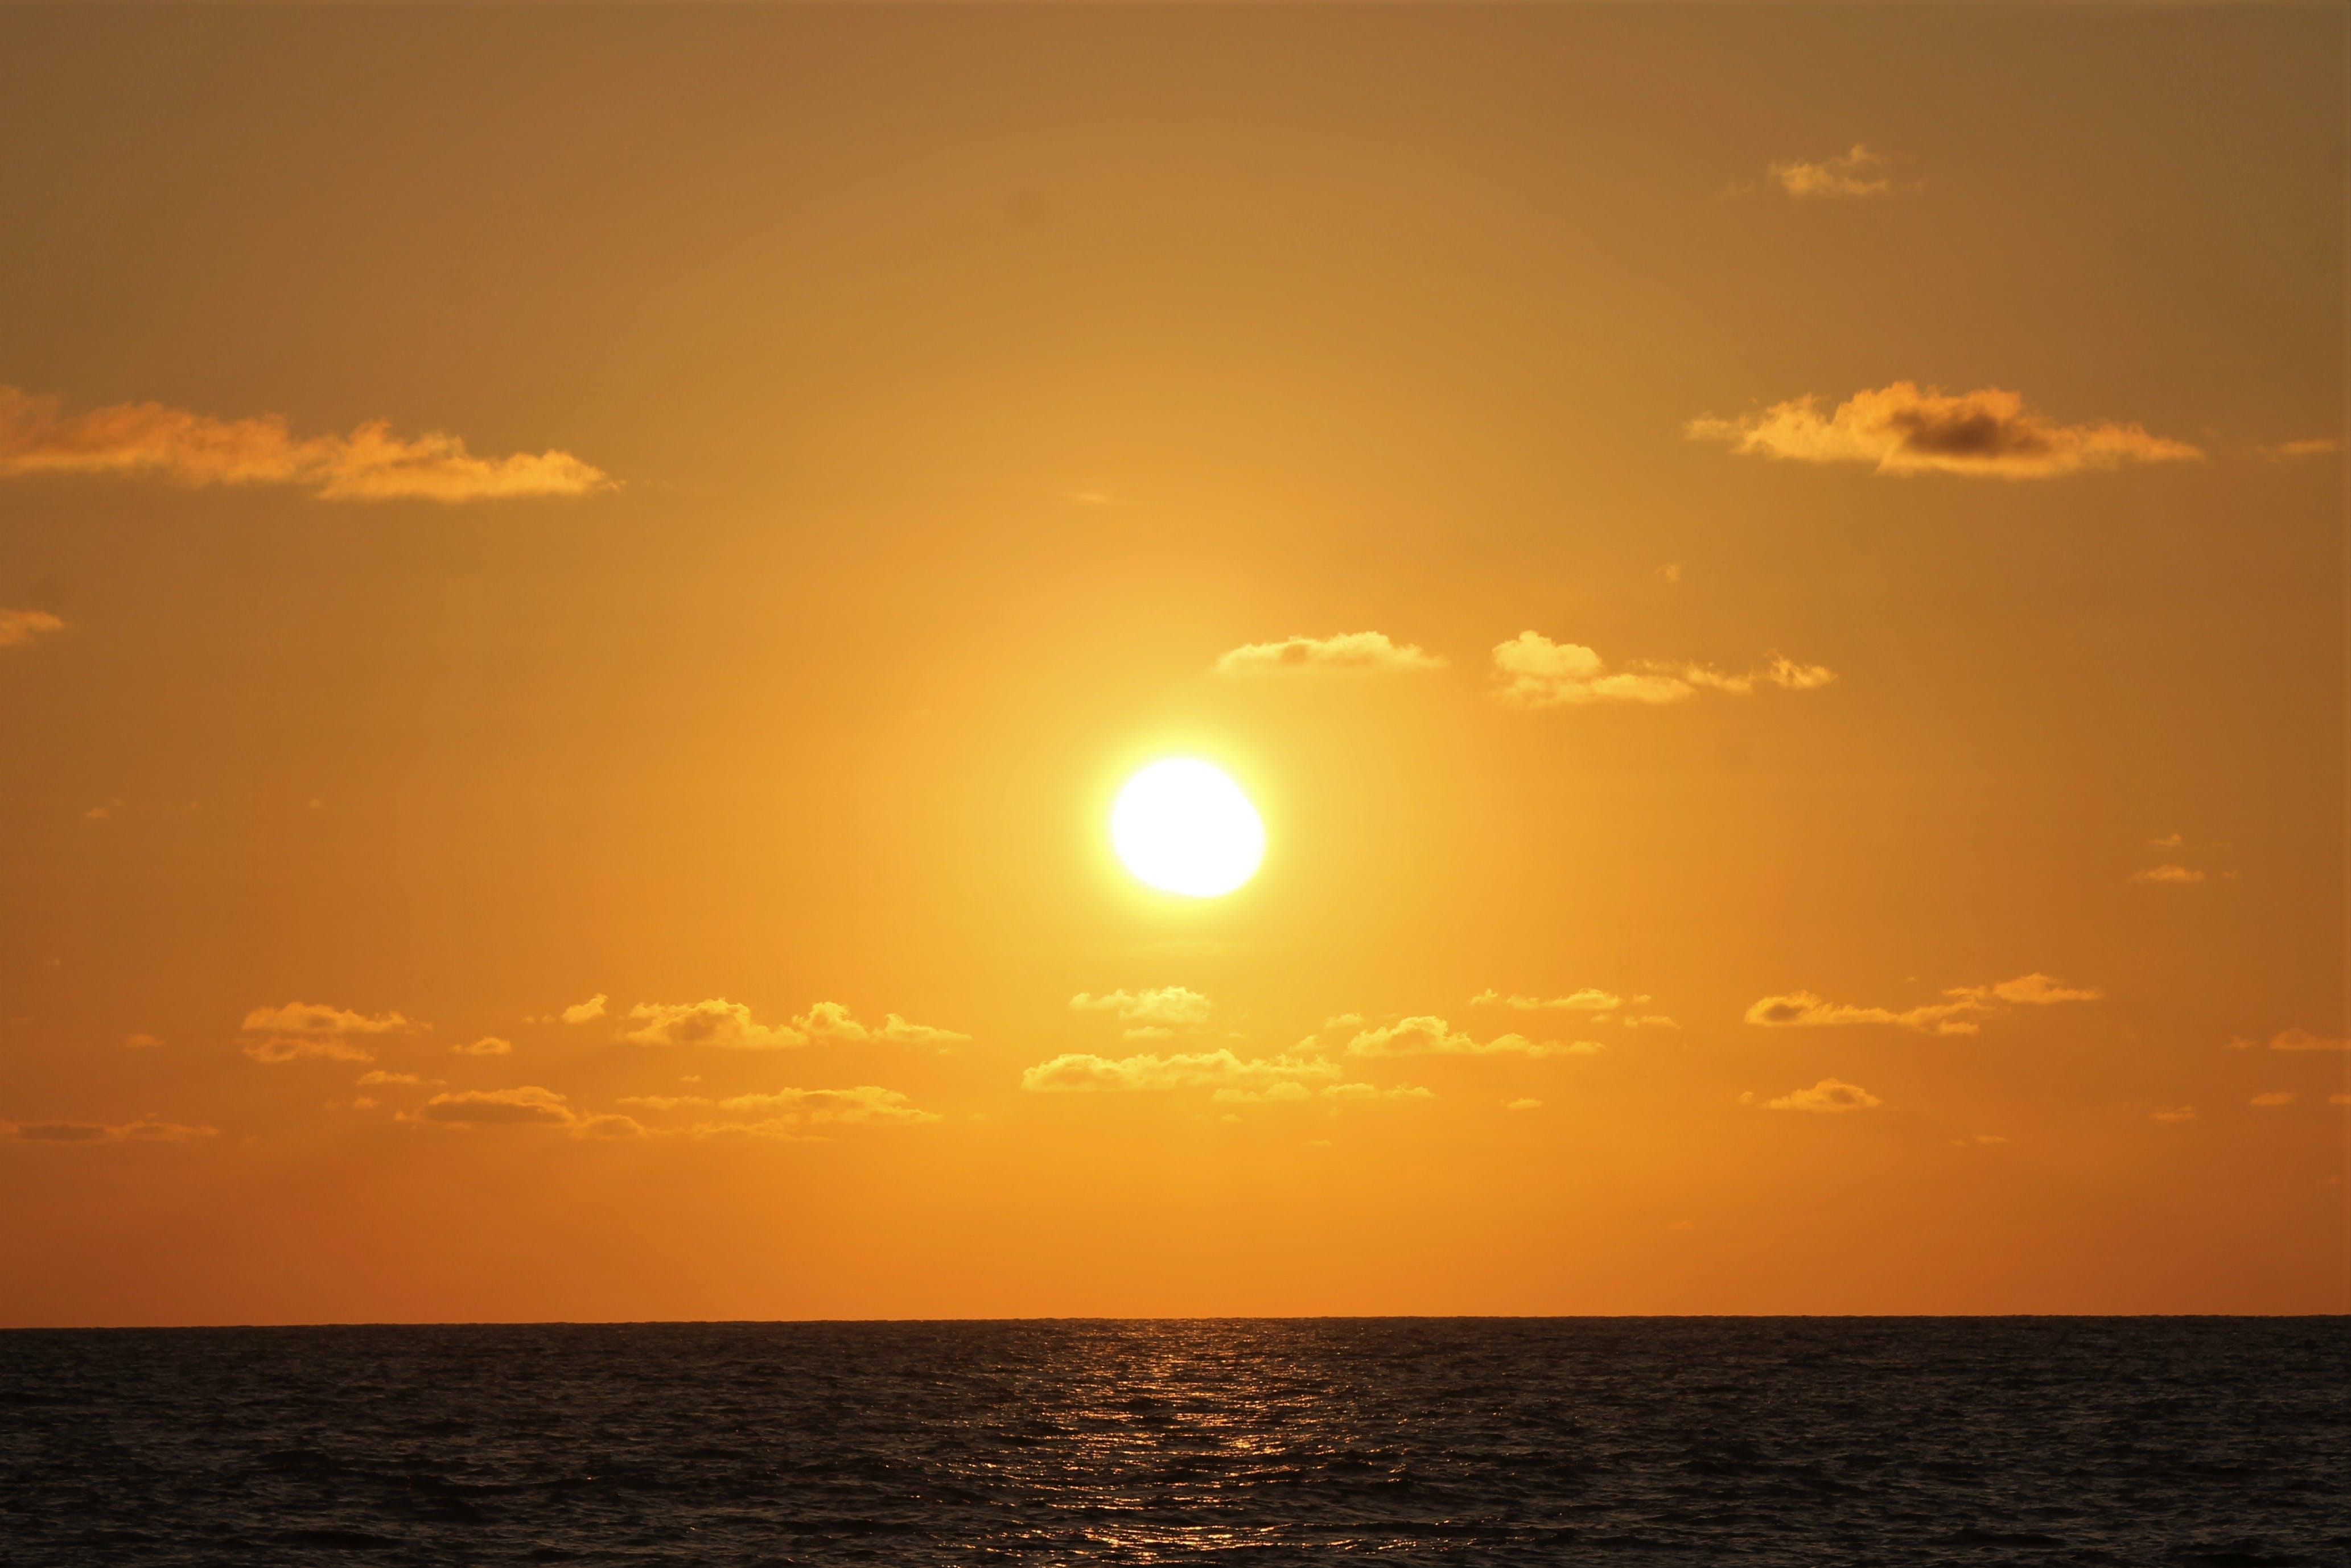 Free stock photo of evening sun, golden sun, sea, sun